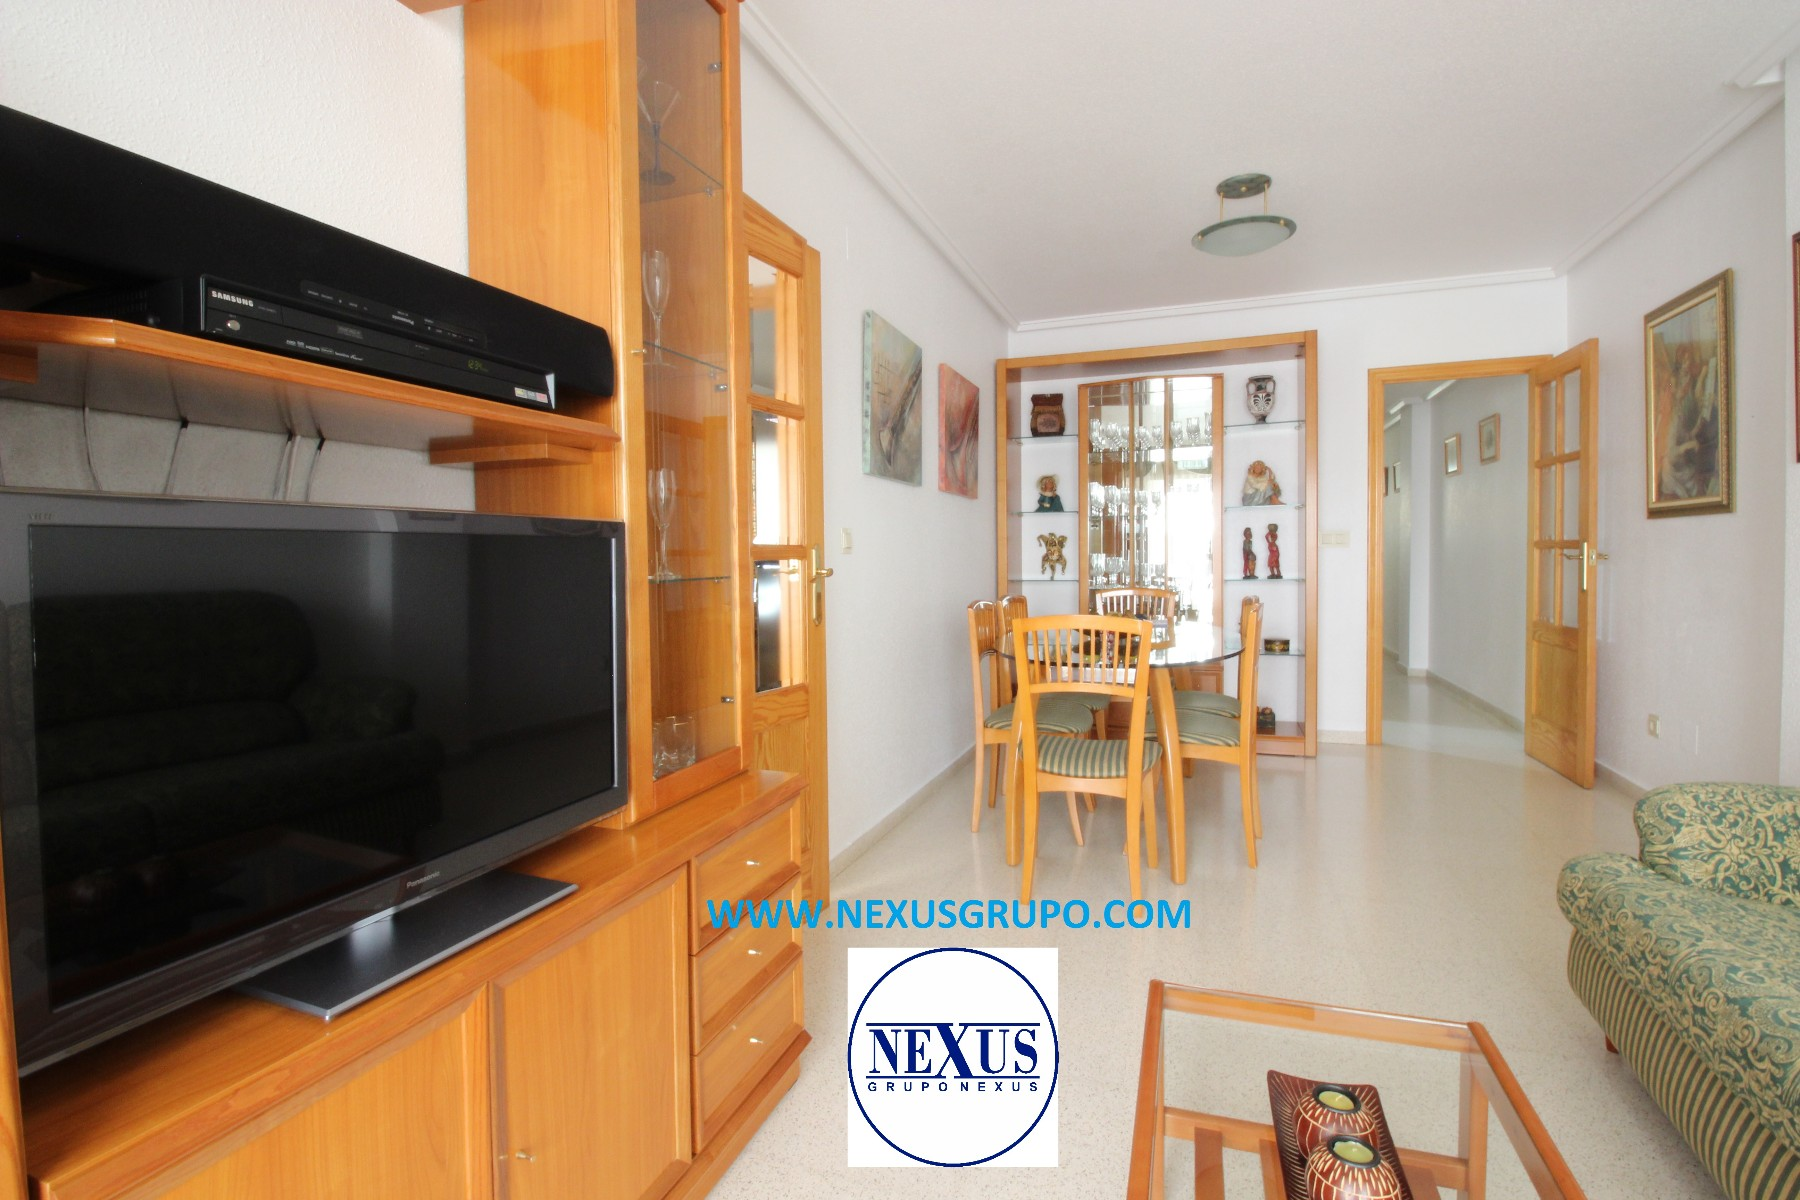 3 bedroom Apartment in Zona Norte in Nexus Grupo